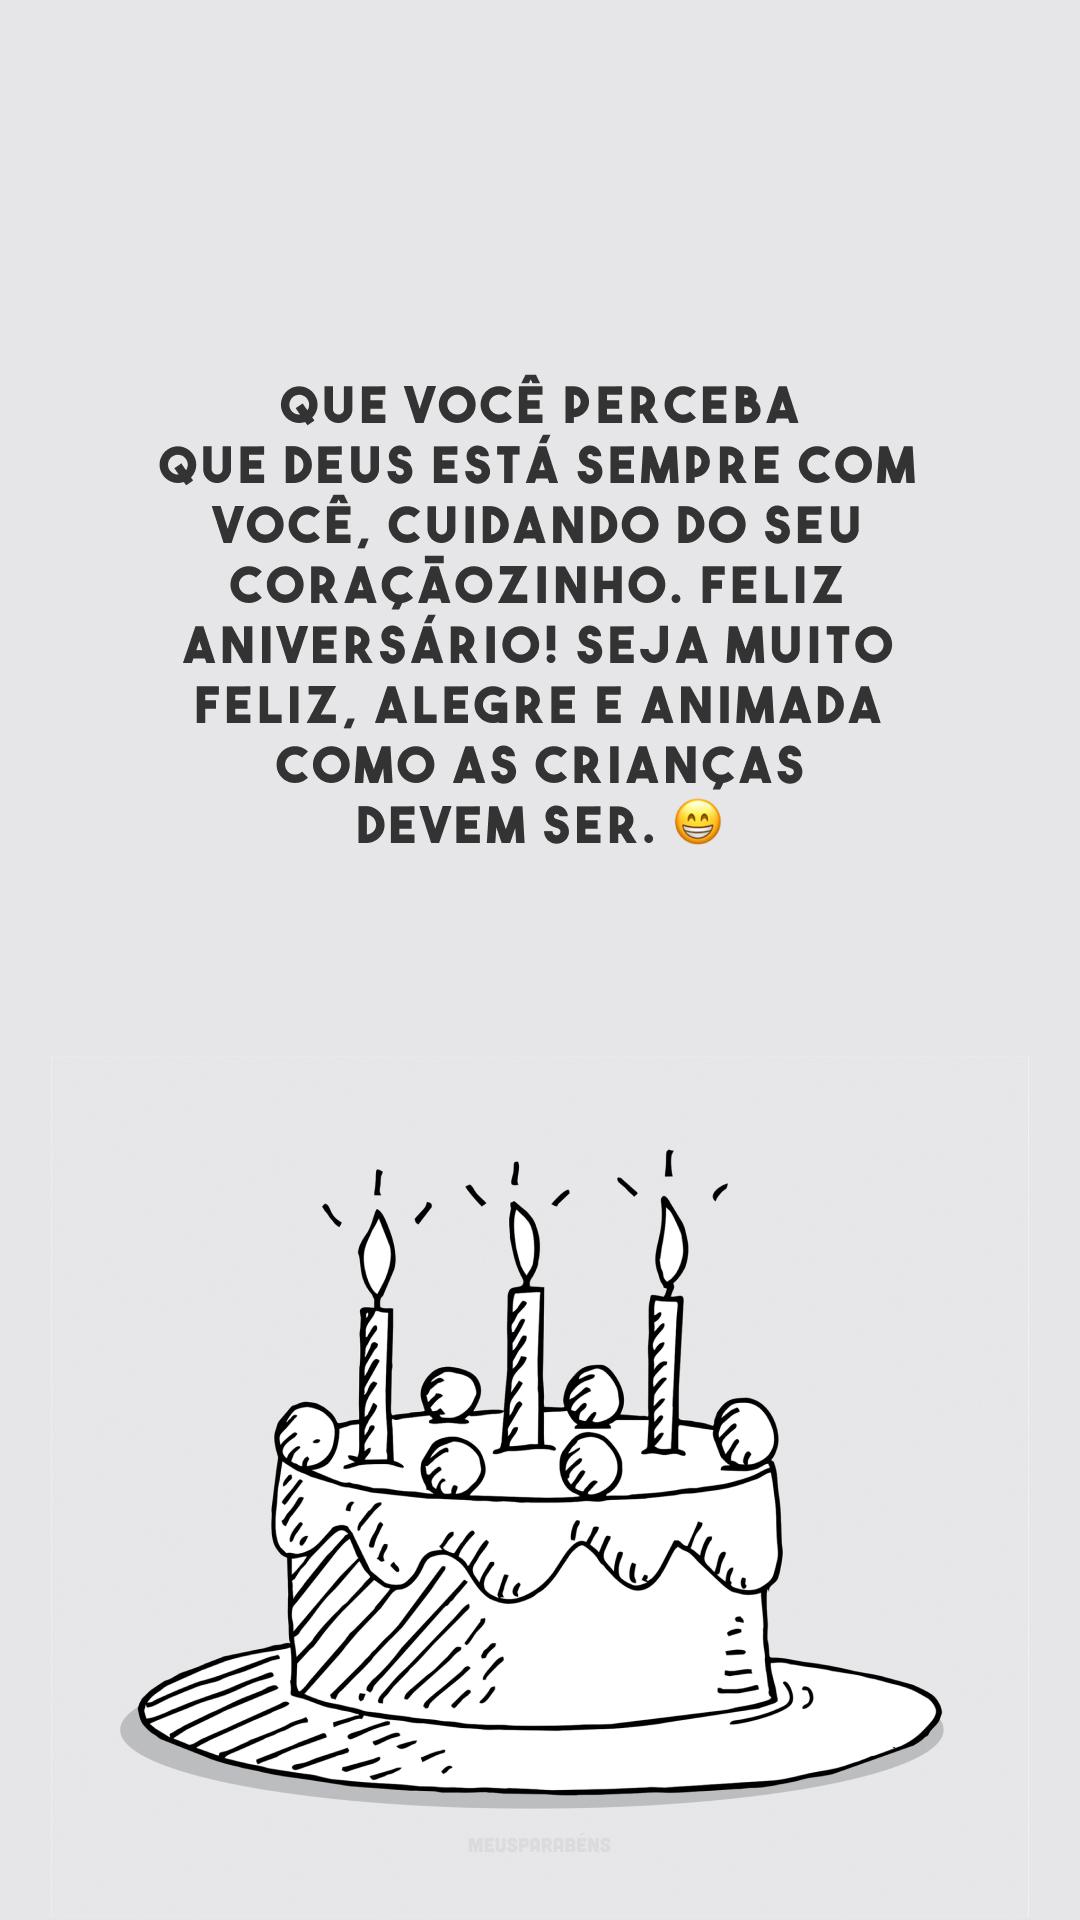 Que você perceba que Deus está sempre com você, cuidando do seu coraçãozinho. Feliz aniversário! Seja muito feliz, alegre e animada como as crianças devem ser. 😁